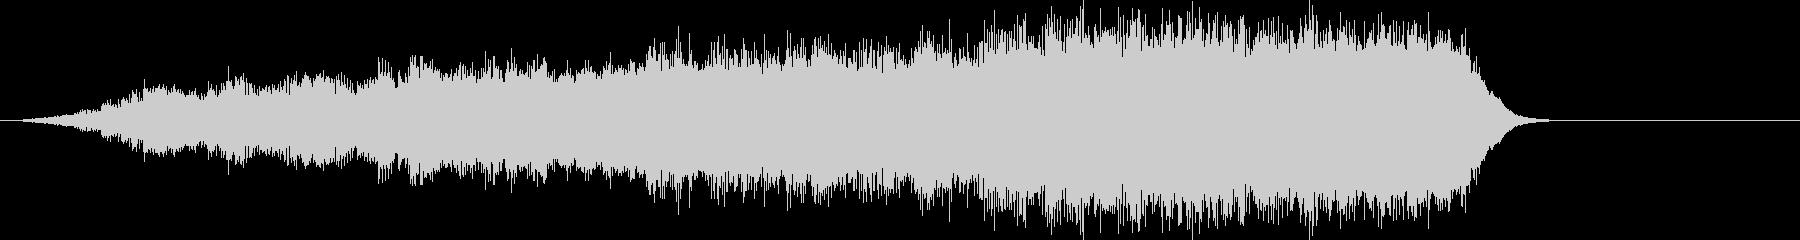 音楽ロゴ;神秘的なシンセサイザーオ...の未再生の波形